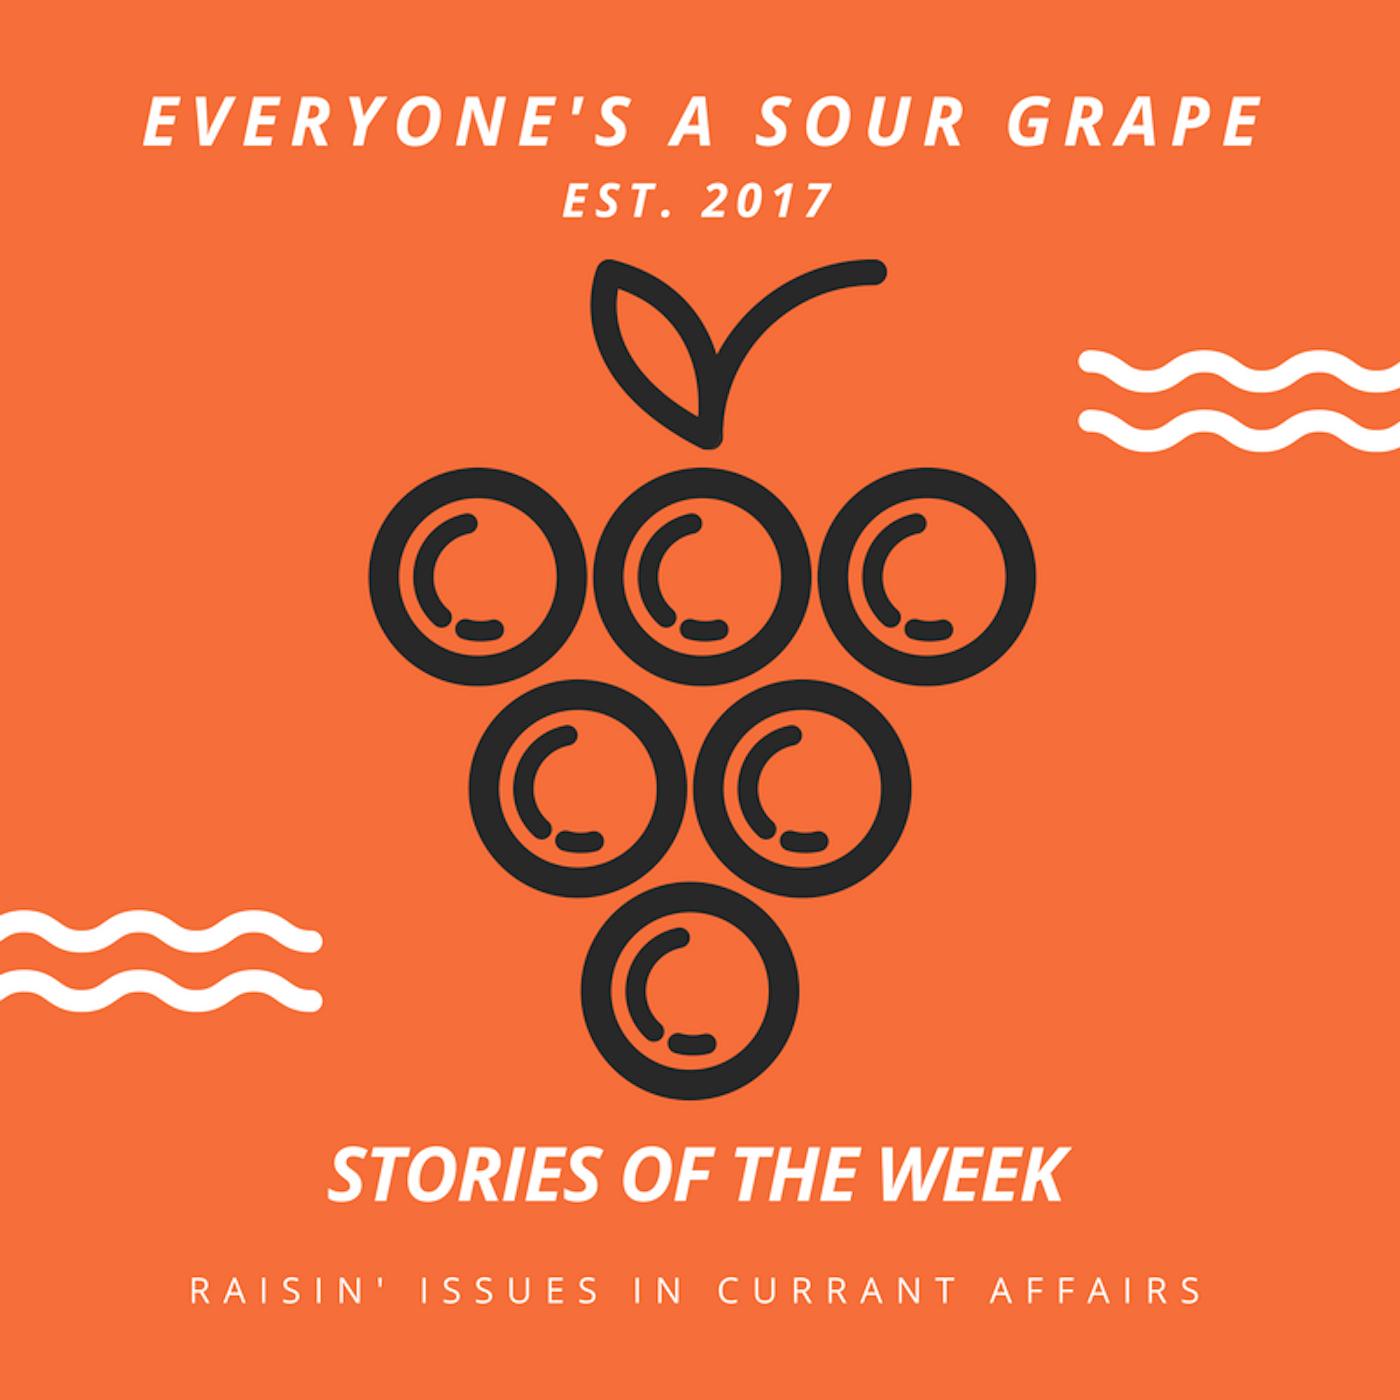 Everyone's a Sour Grape